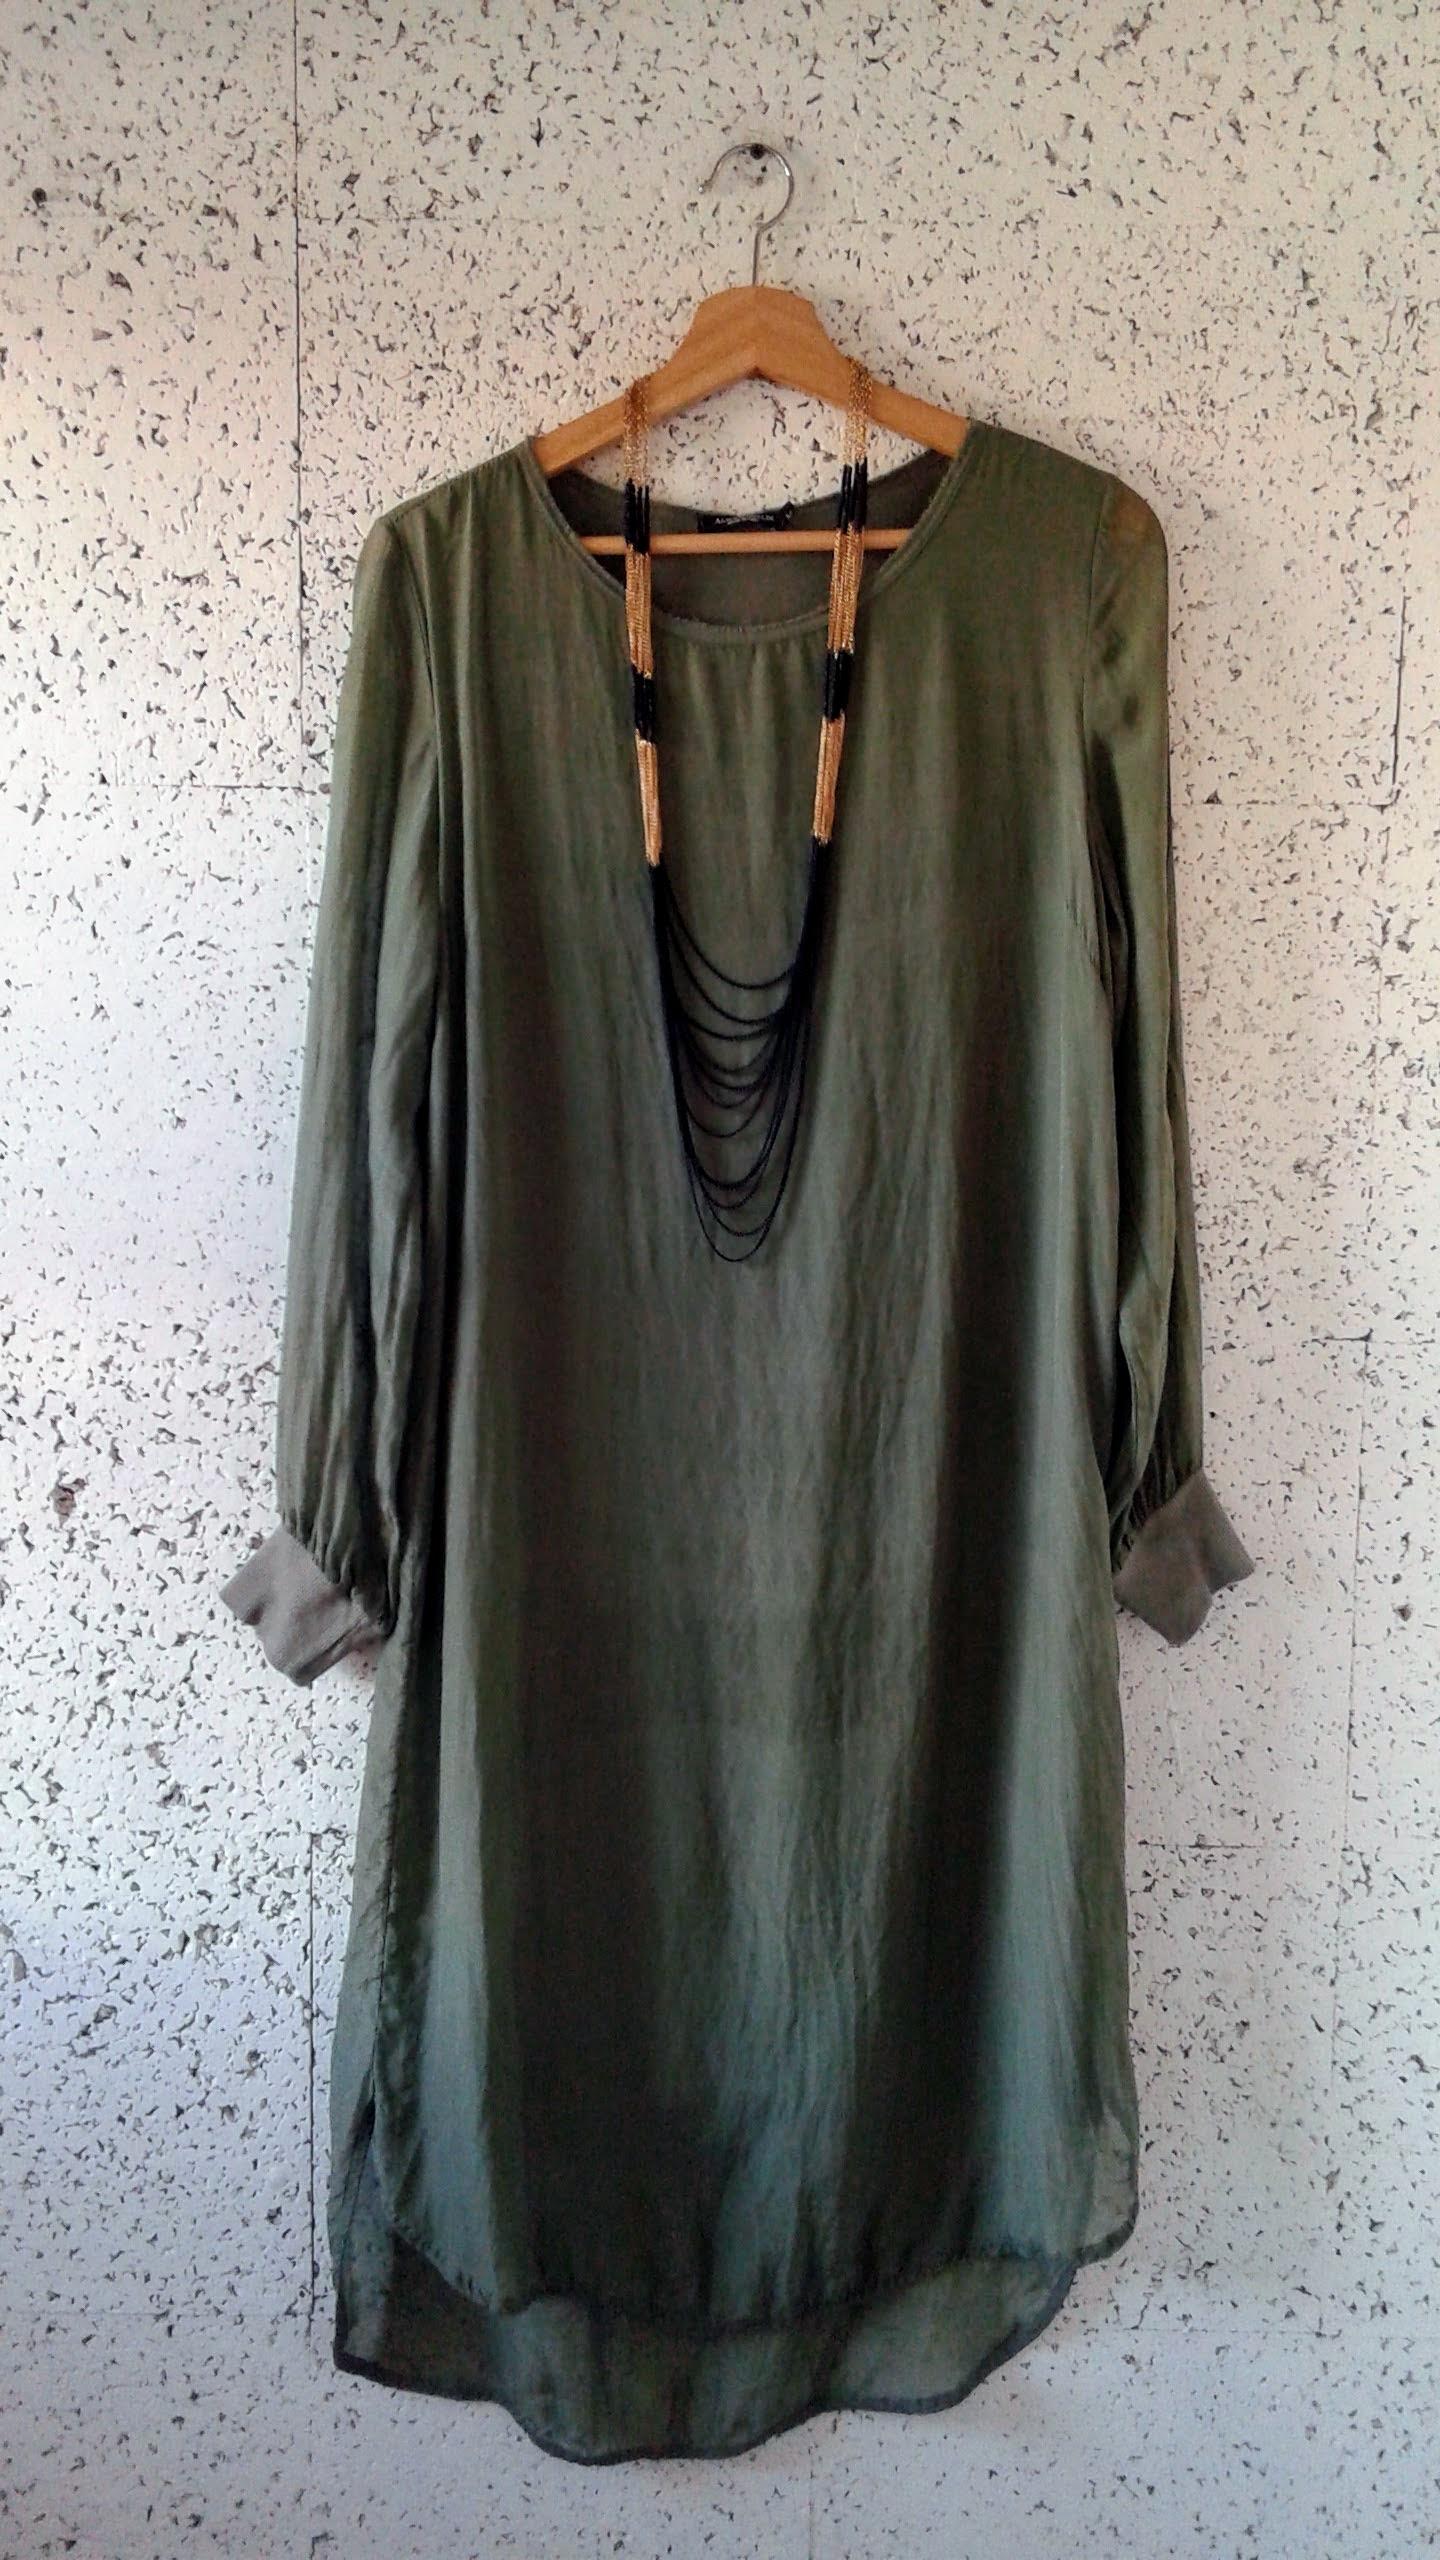 Alice Rinaldi dress; Size M, $48